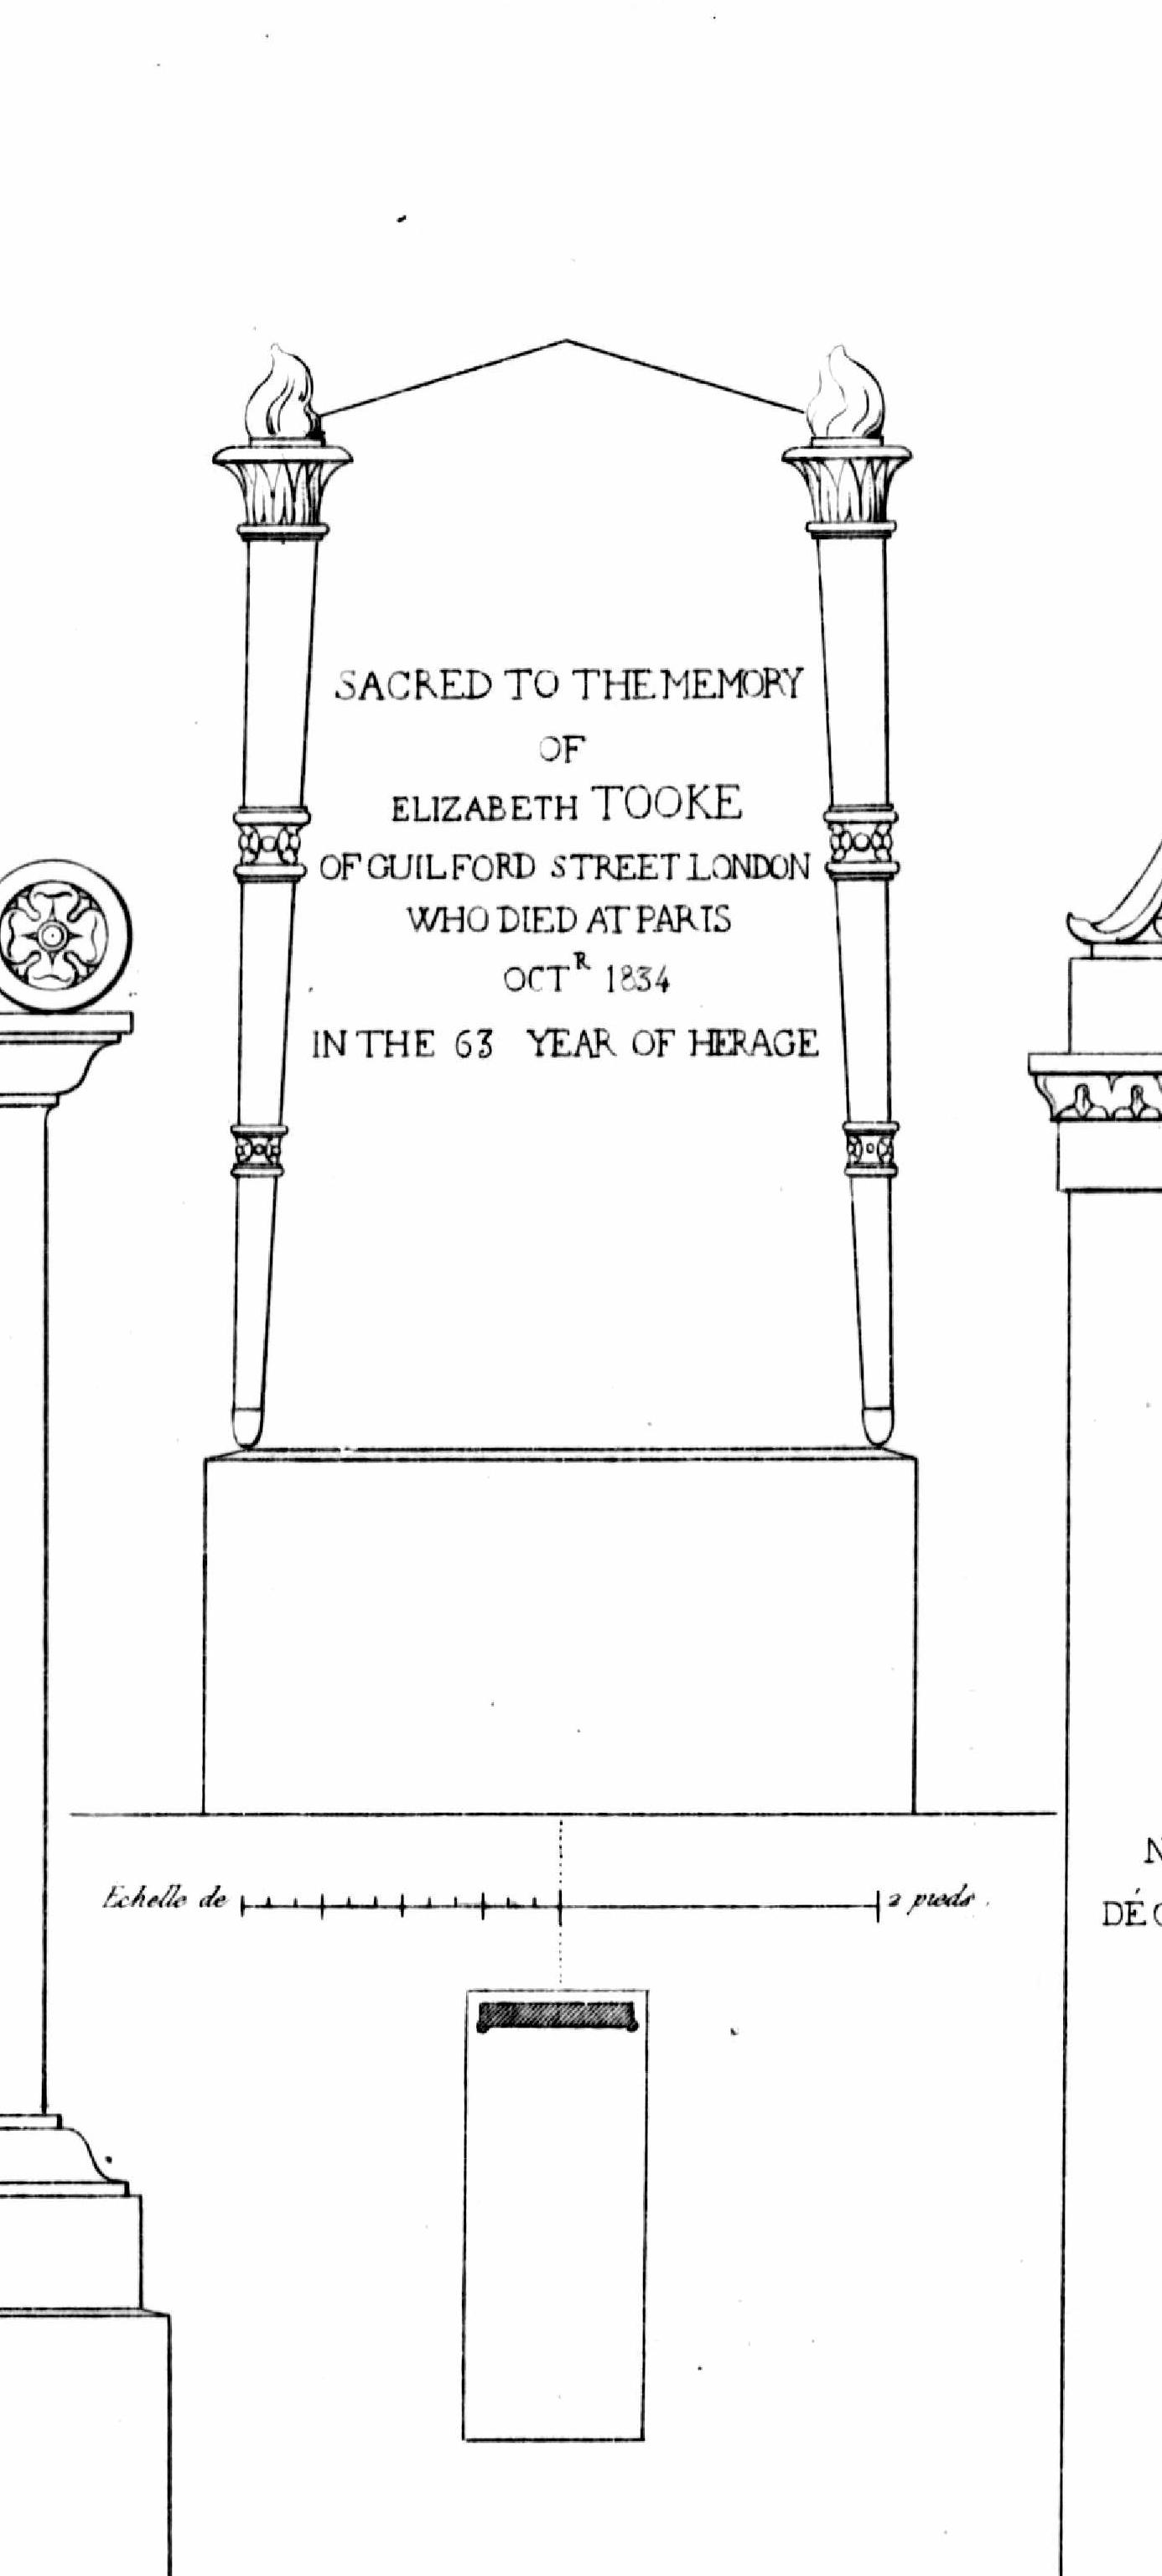 Elizabeth Tooke (1771-1834)  Monuments funéraires choisis dans les cimetières de Paris et des principales villes de France,  2nd part, 1863, by L. Normand ainé plate 19